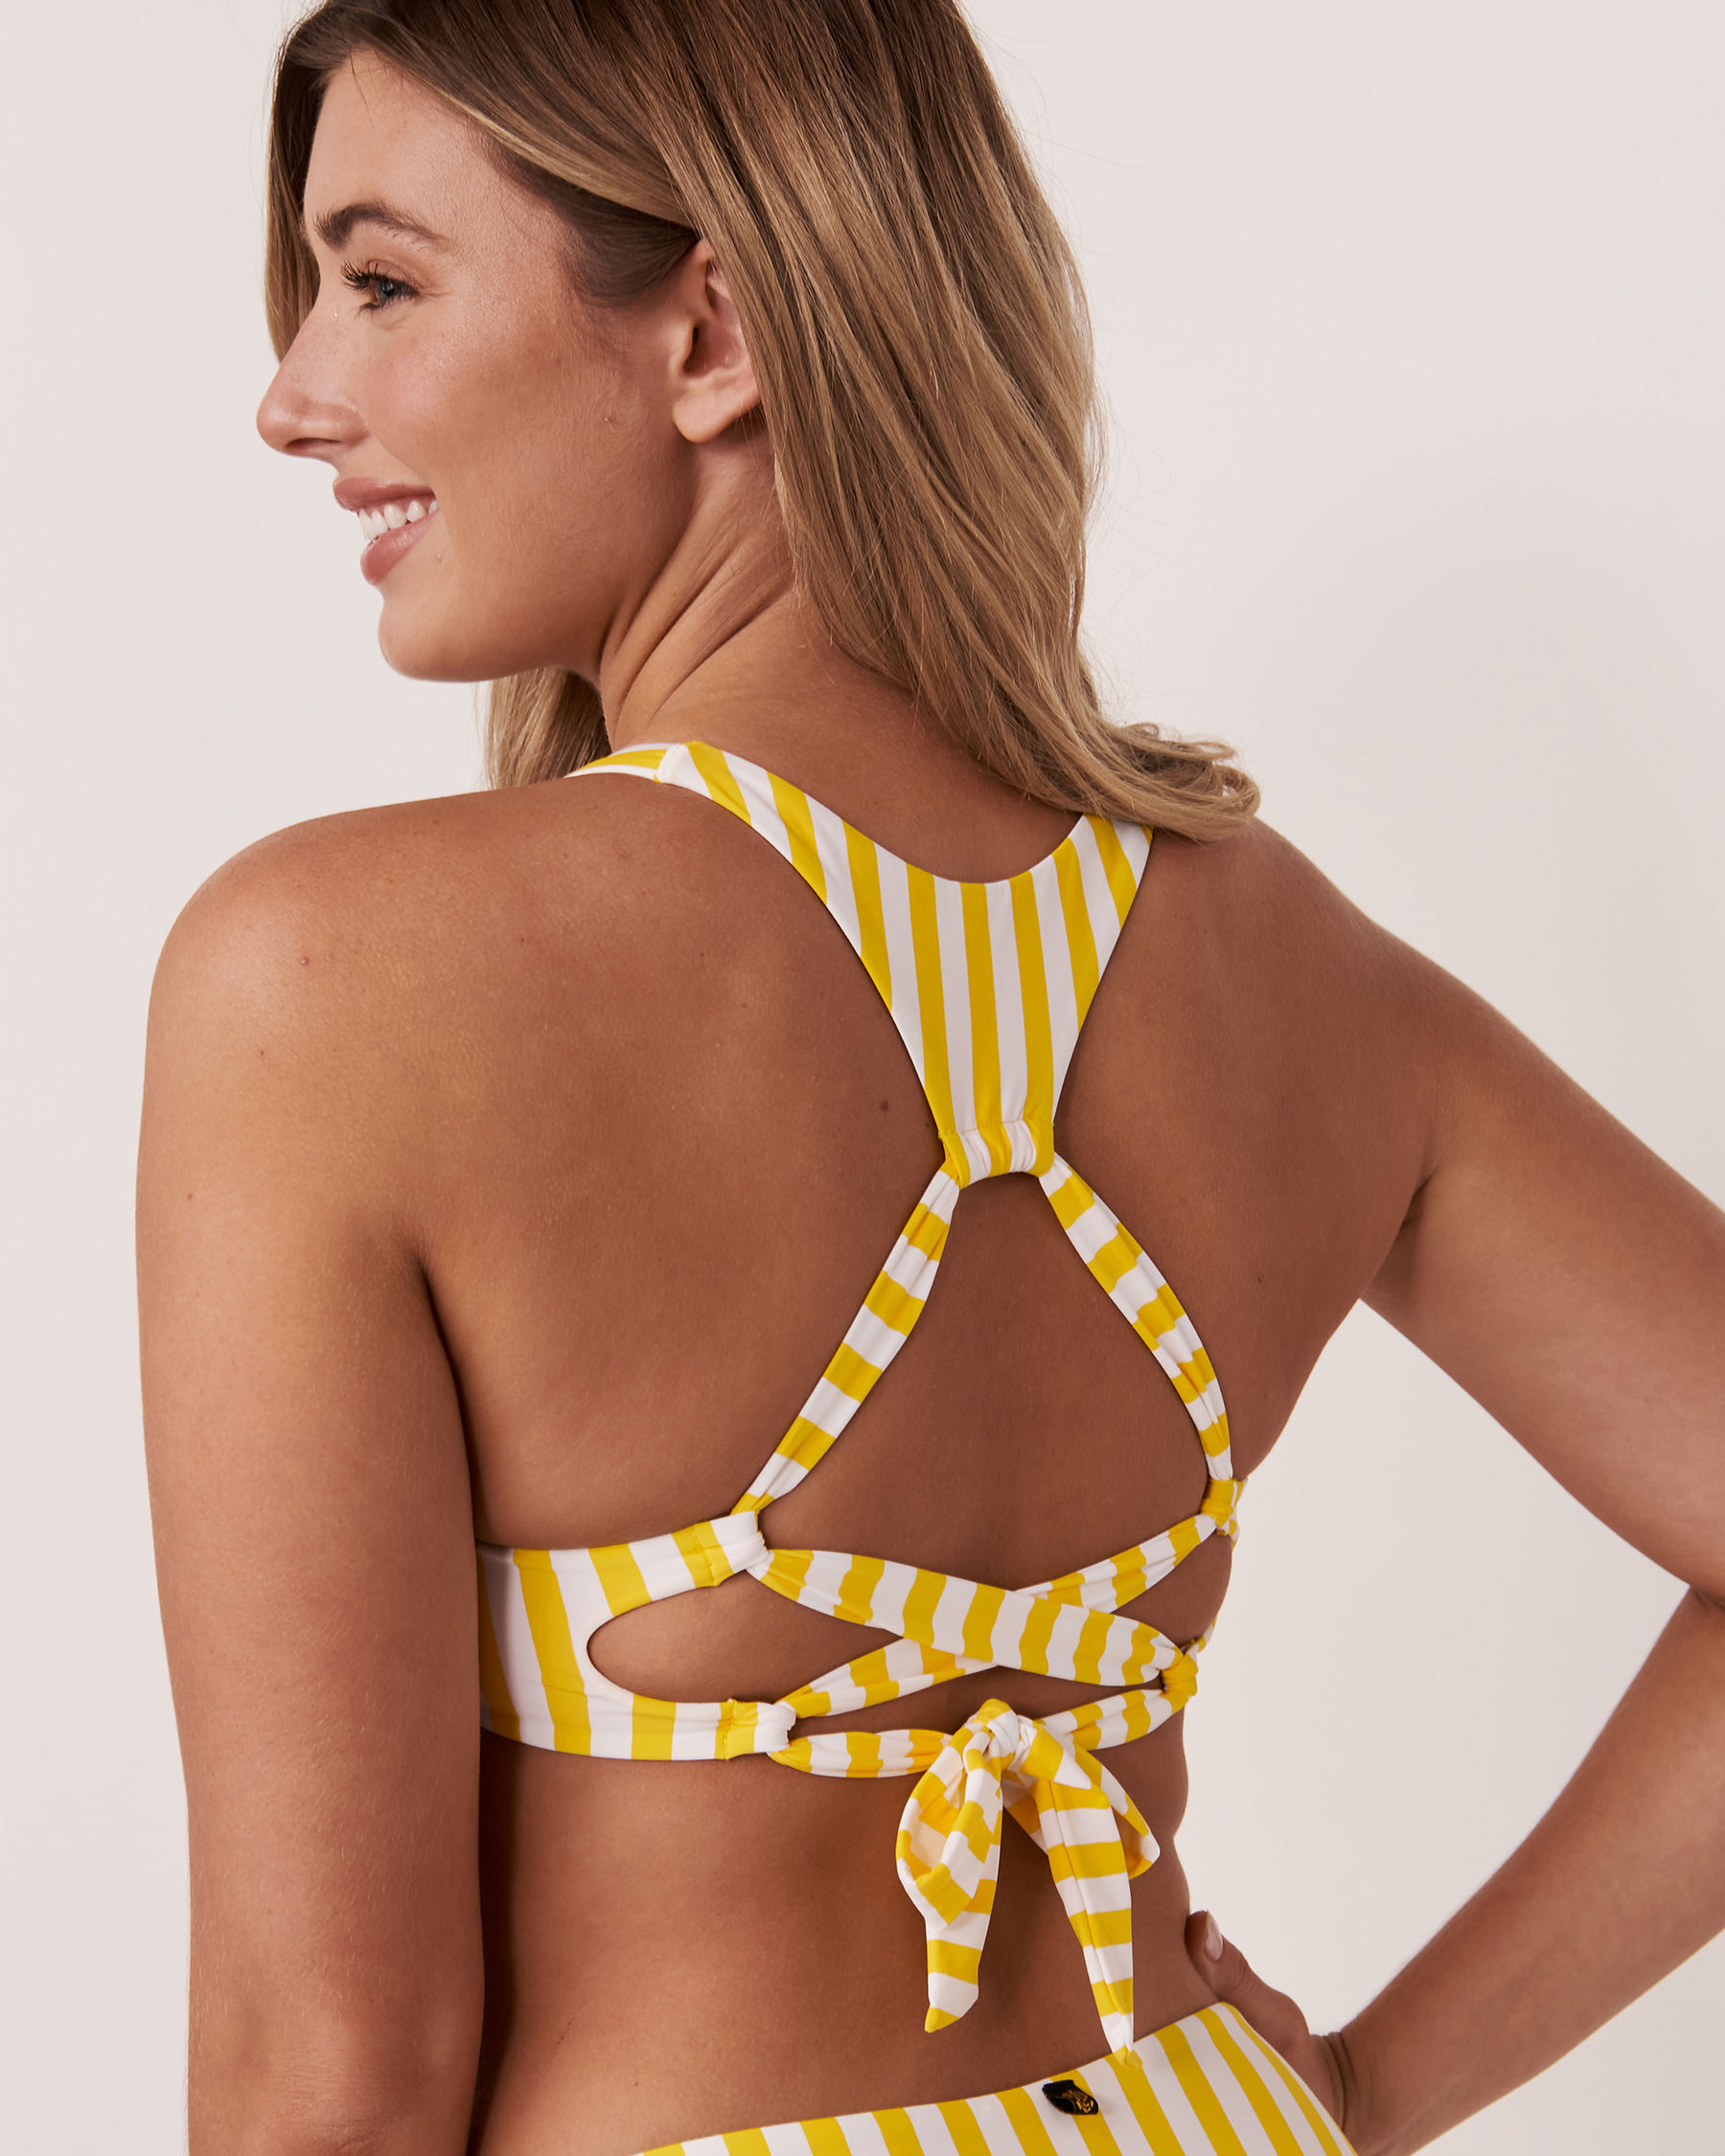 LA VIE EN ROSE AQUA Haut de bikini bralette en fibres recyclées YELLOW SUBMARINE Rayures jaunes et blanches 70100111 - Voir3